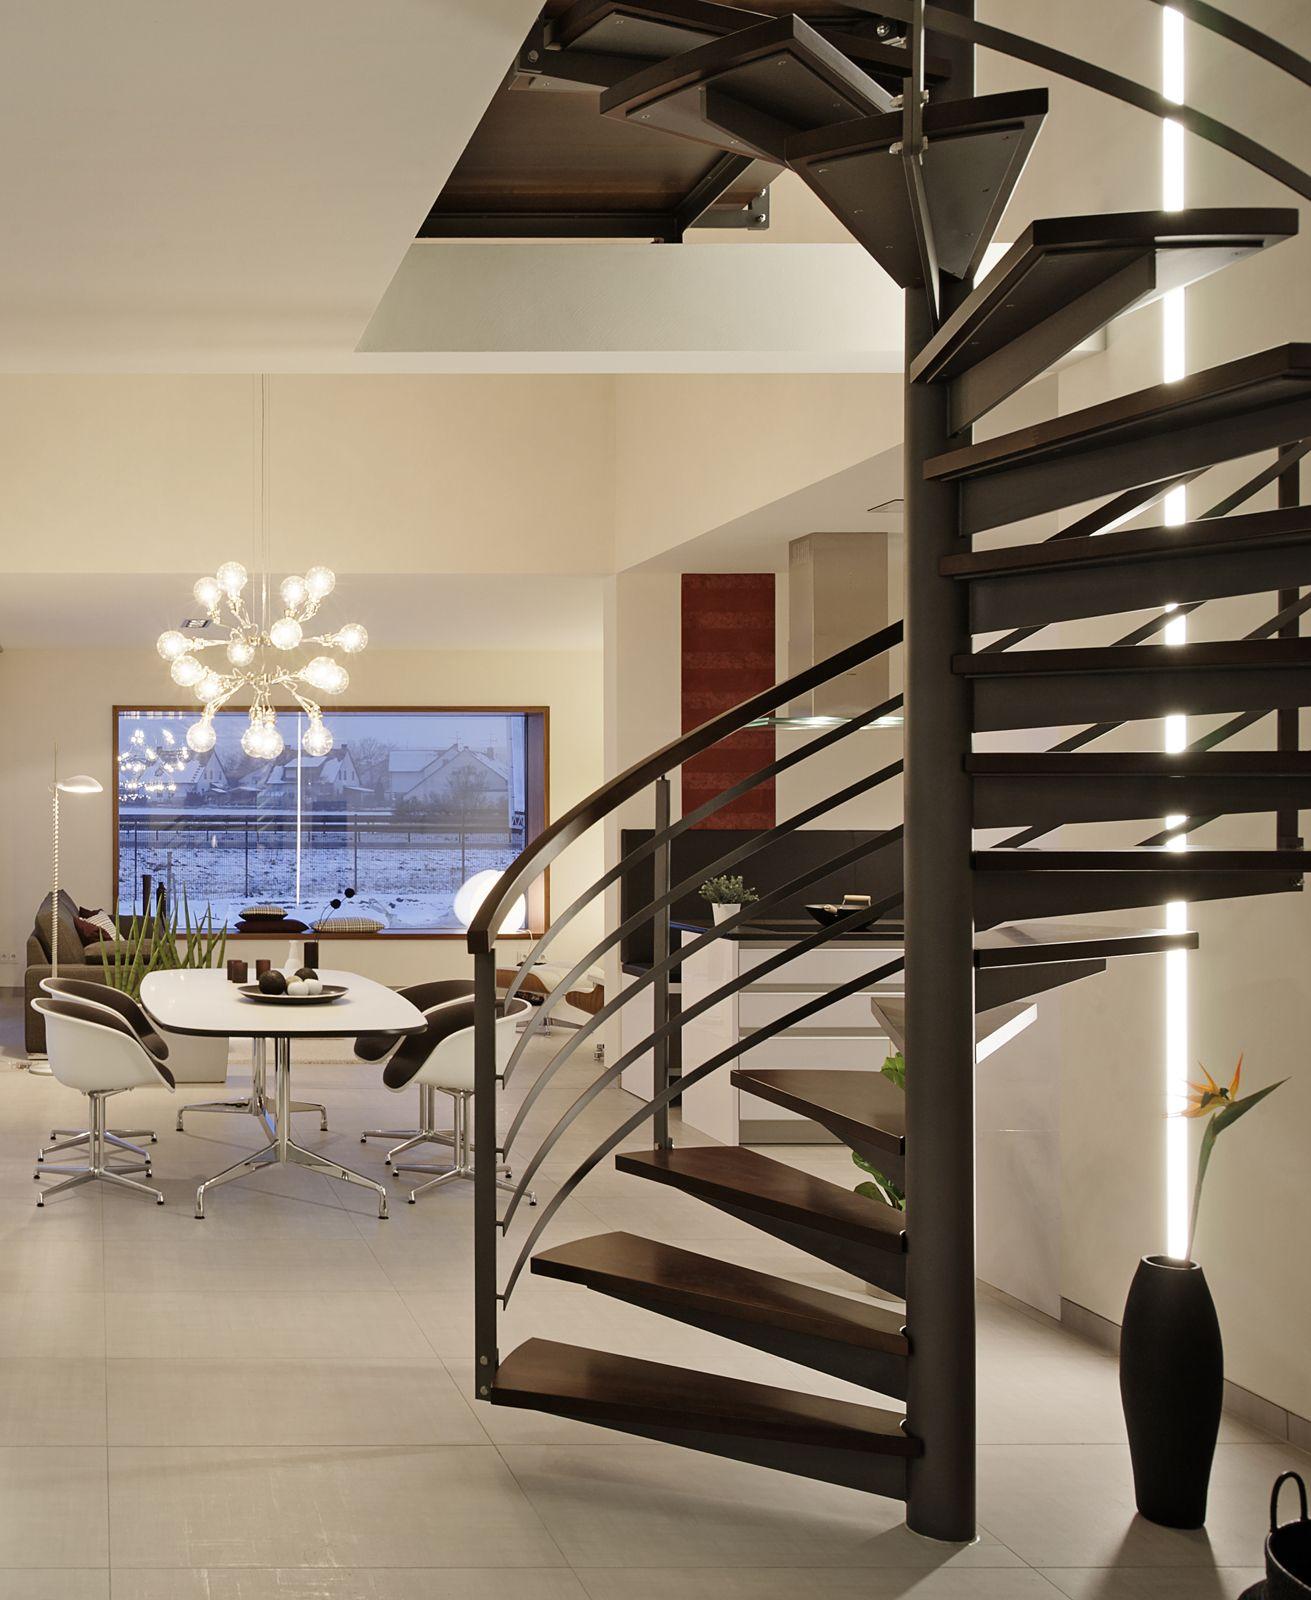 dunkle spiraltreppe mit stufen aus holz und dem gel nder aus metall in unserem luxhaus. Black Bedroom Furniture Sets. Home Design Ideas